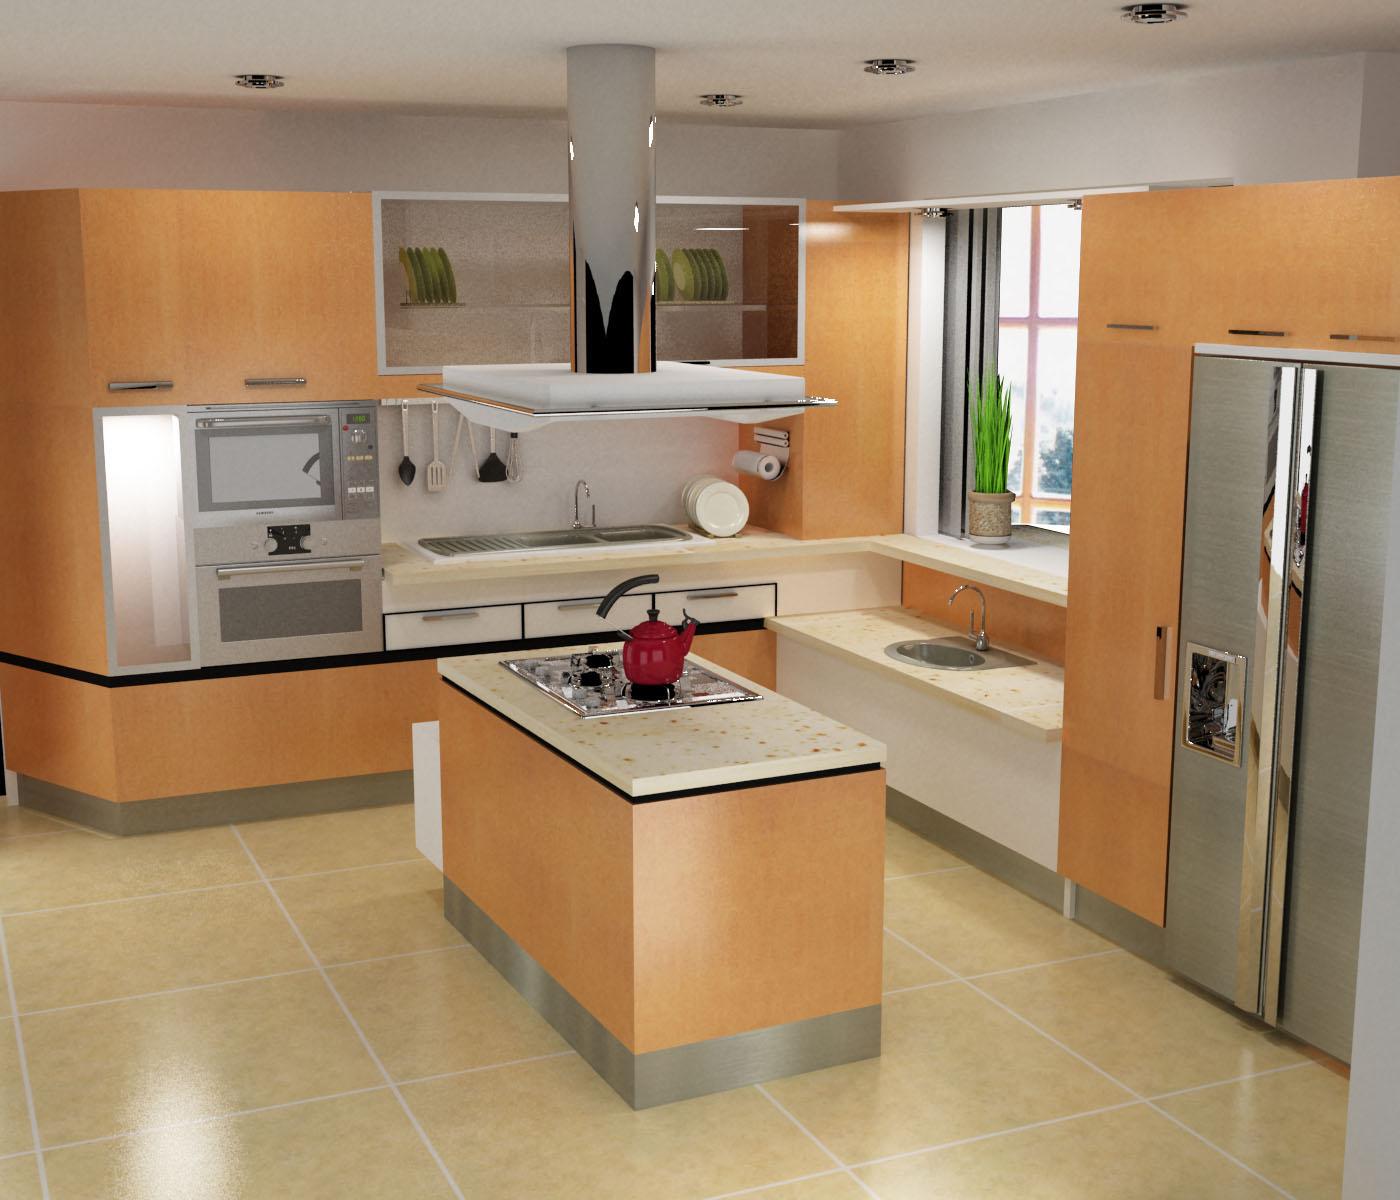 Fotos de cocinas decoradas - Vajillas de cocina ...